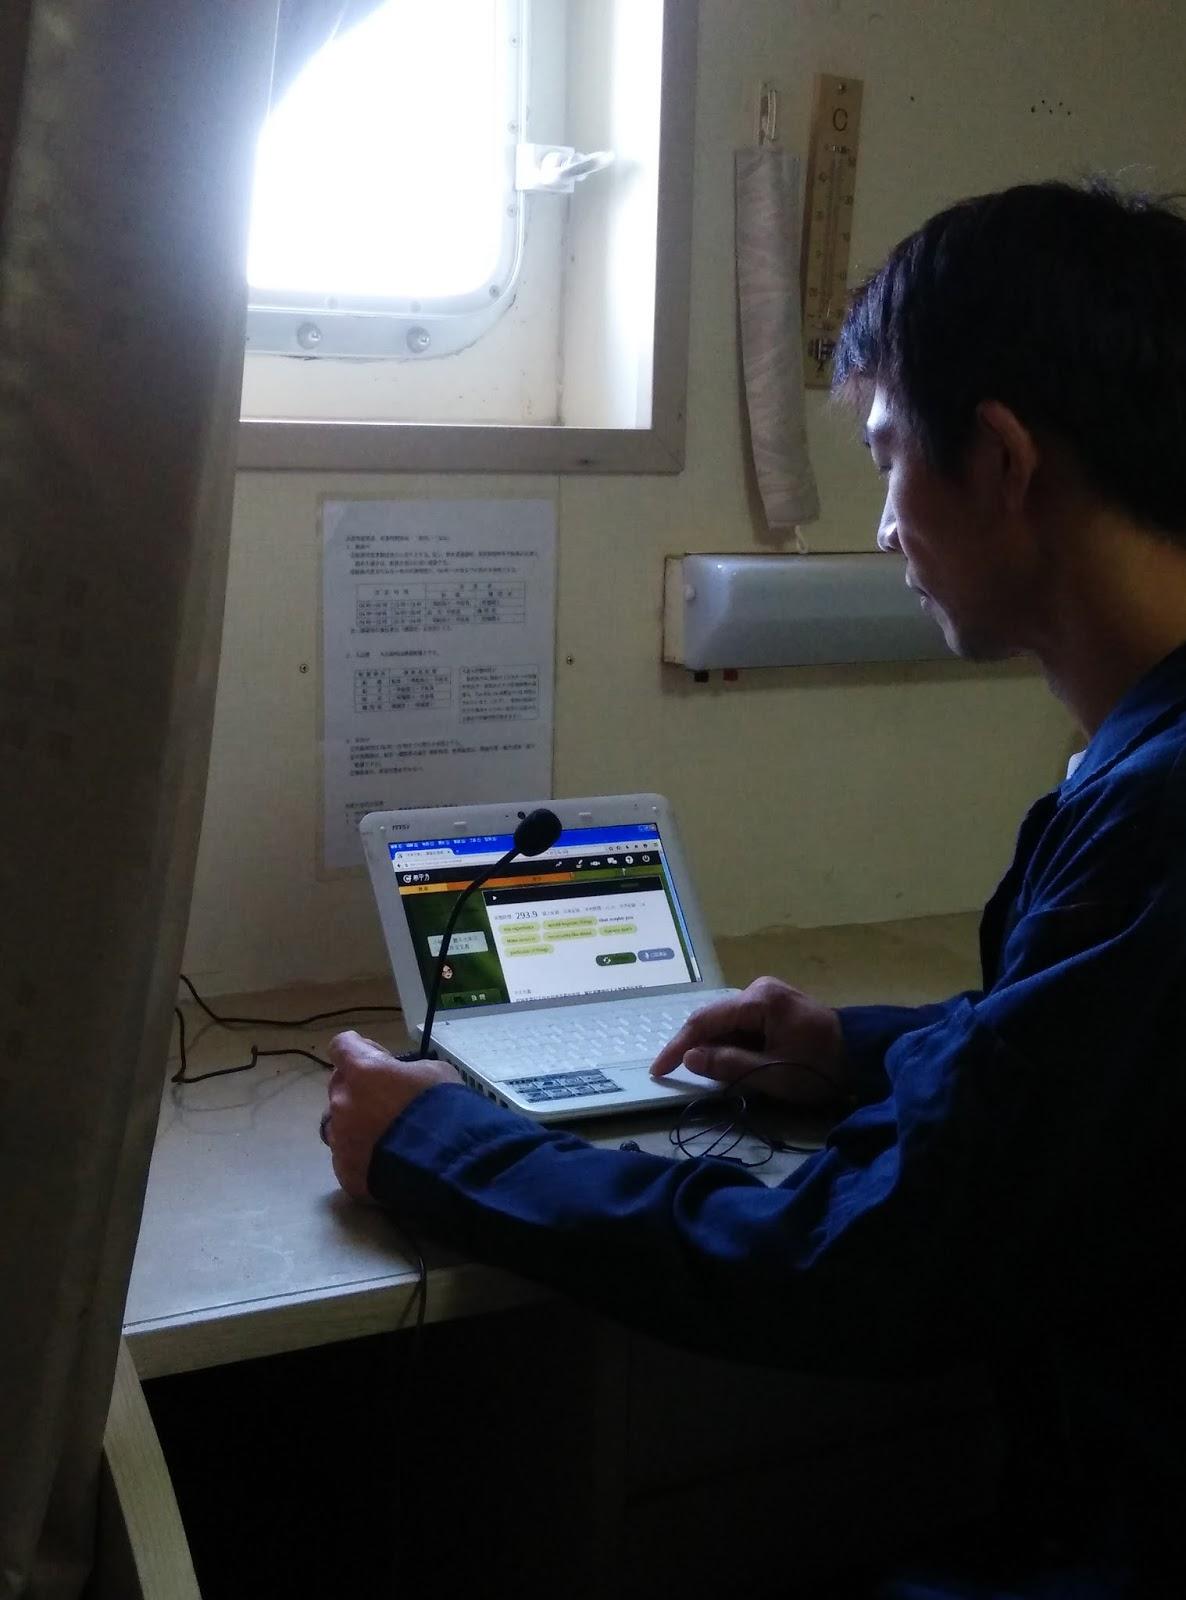 陳先生,海上工作者 - 終於感覺比較像人在說英文了!